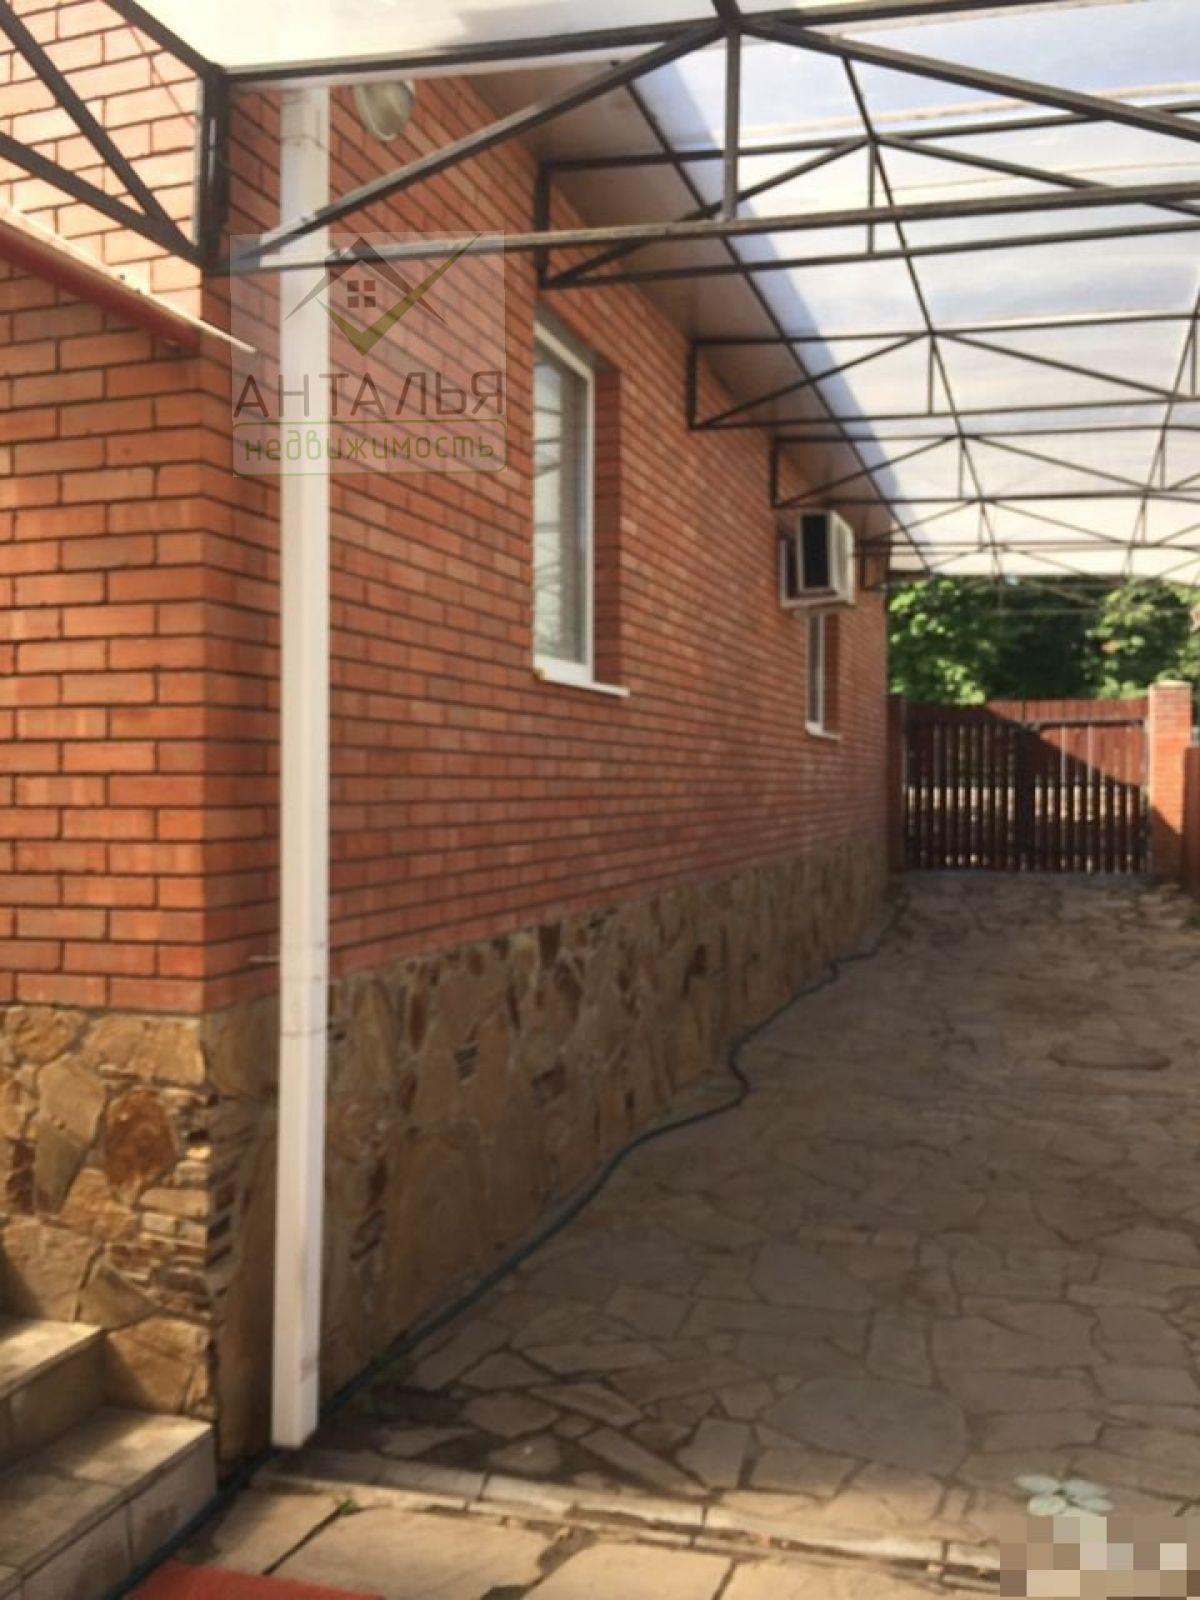 Продам дом, Ростовская область, Каменск-Шахтинский, Микрорайон, Дорошева ул